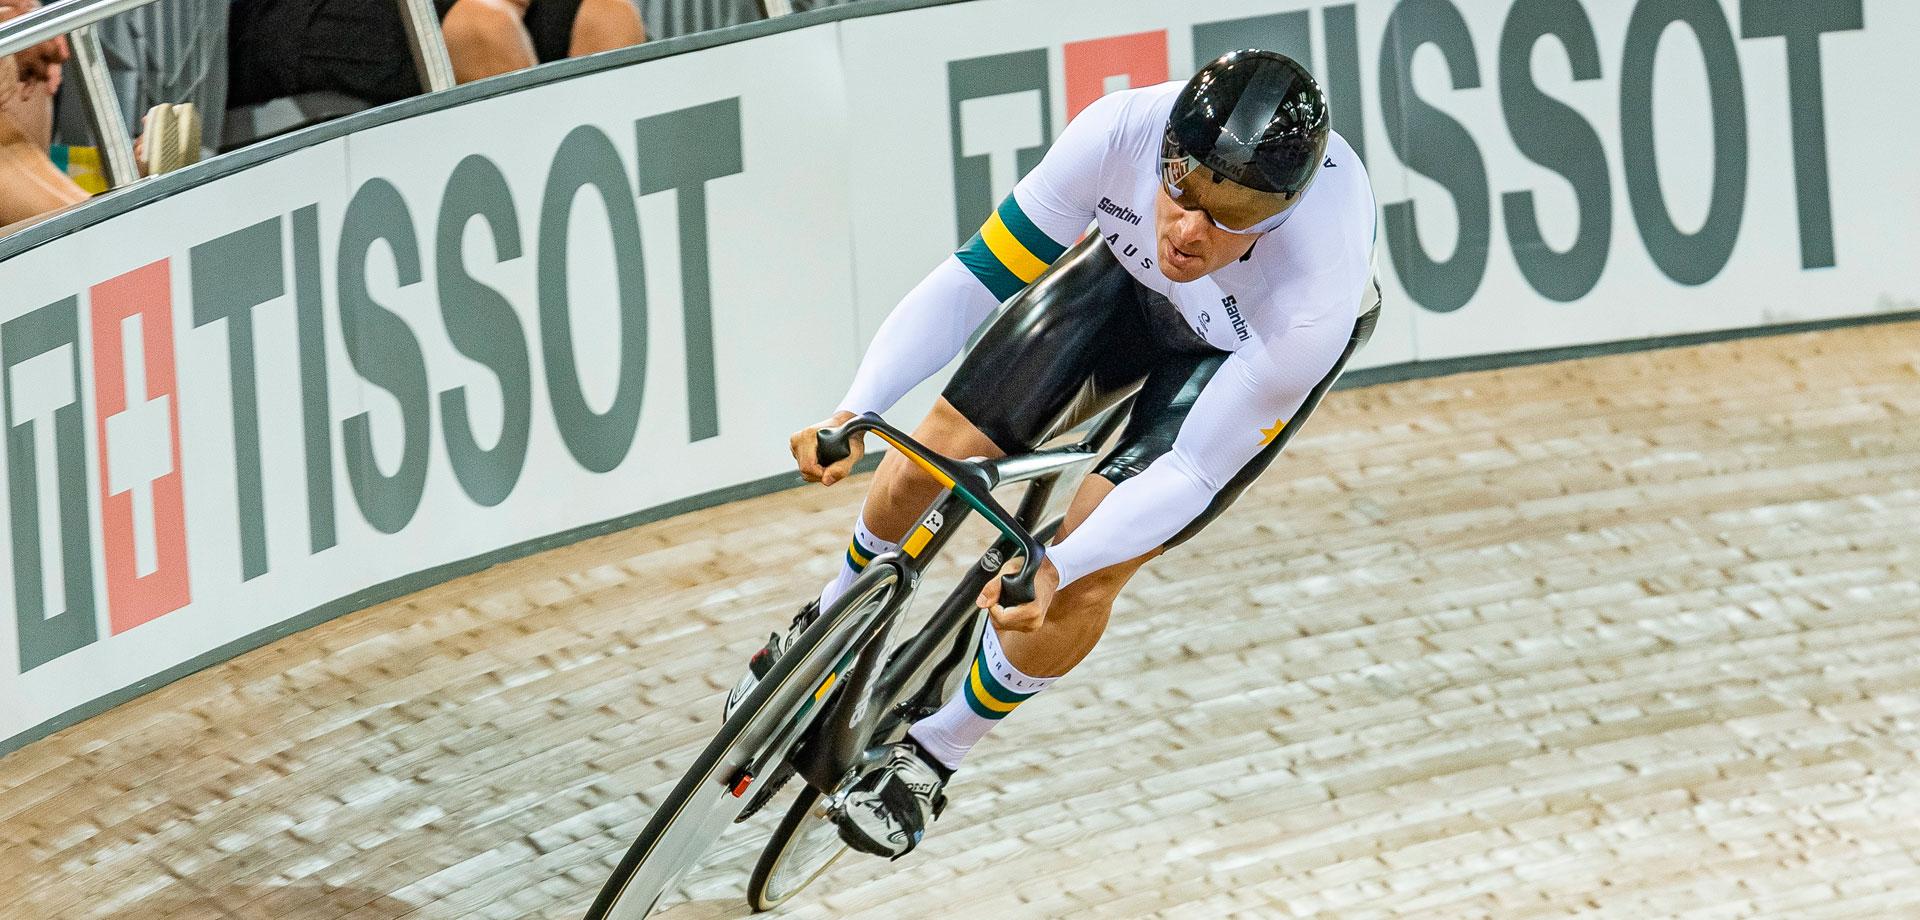 cycling australia trisuit